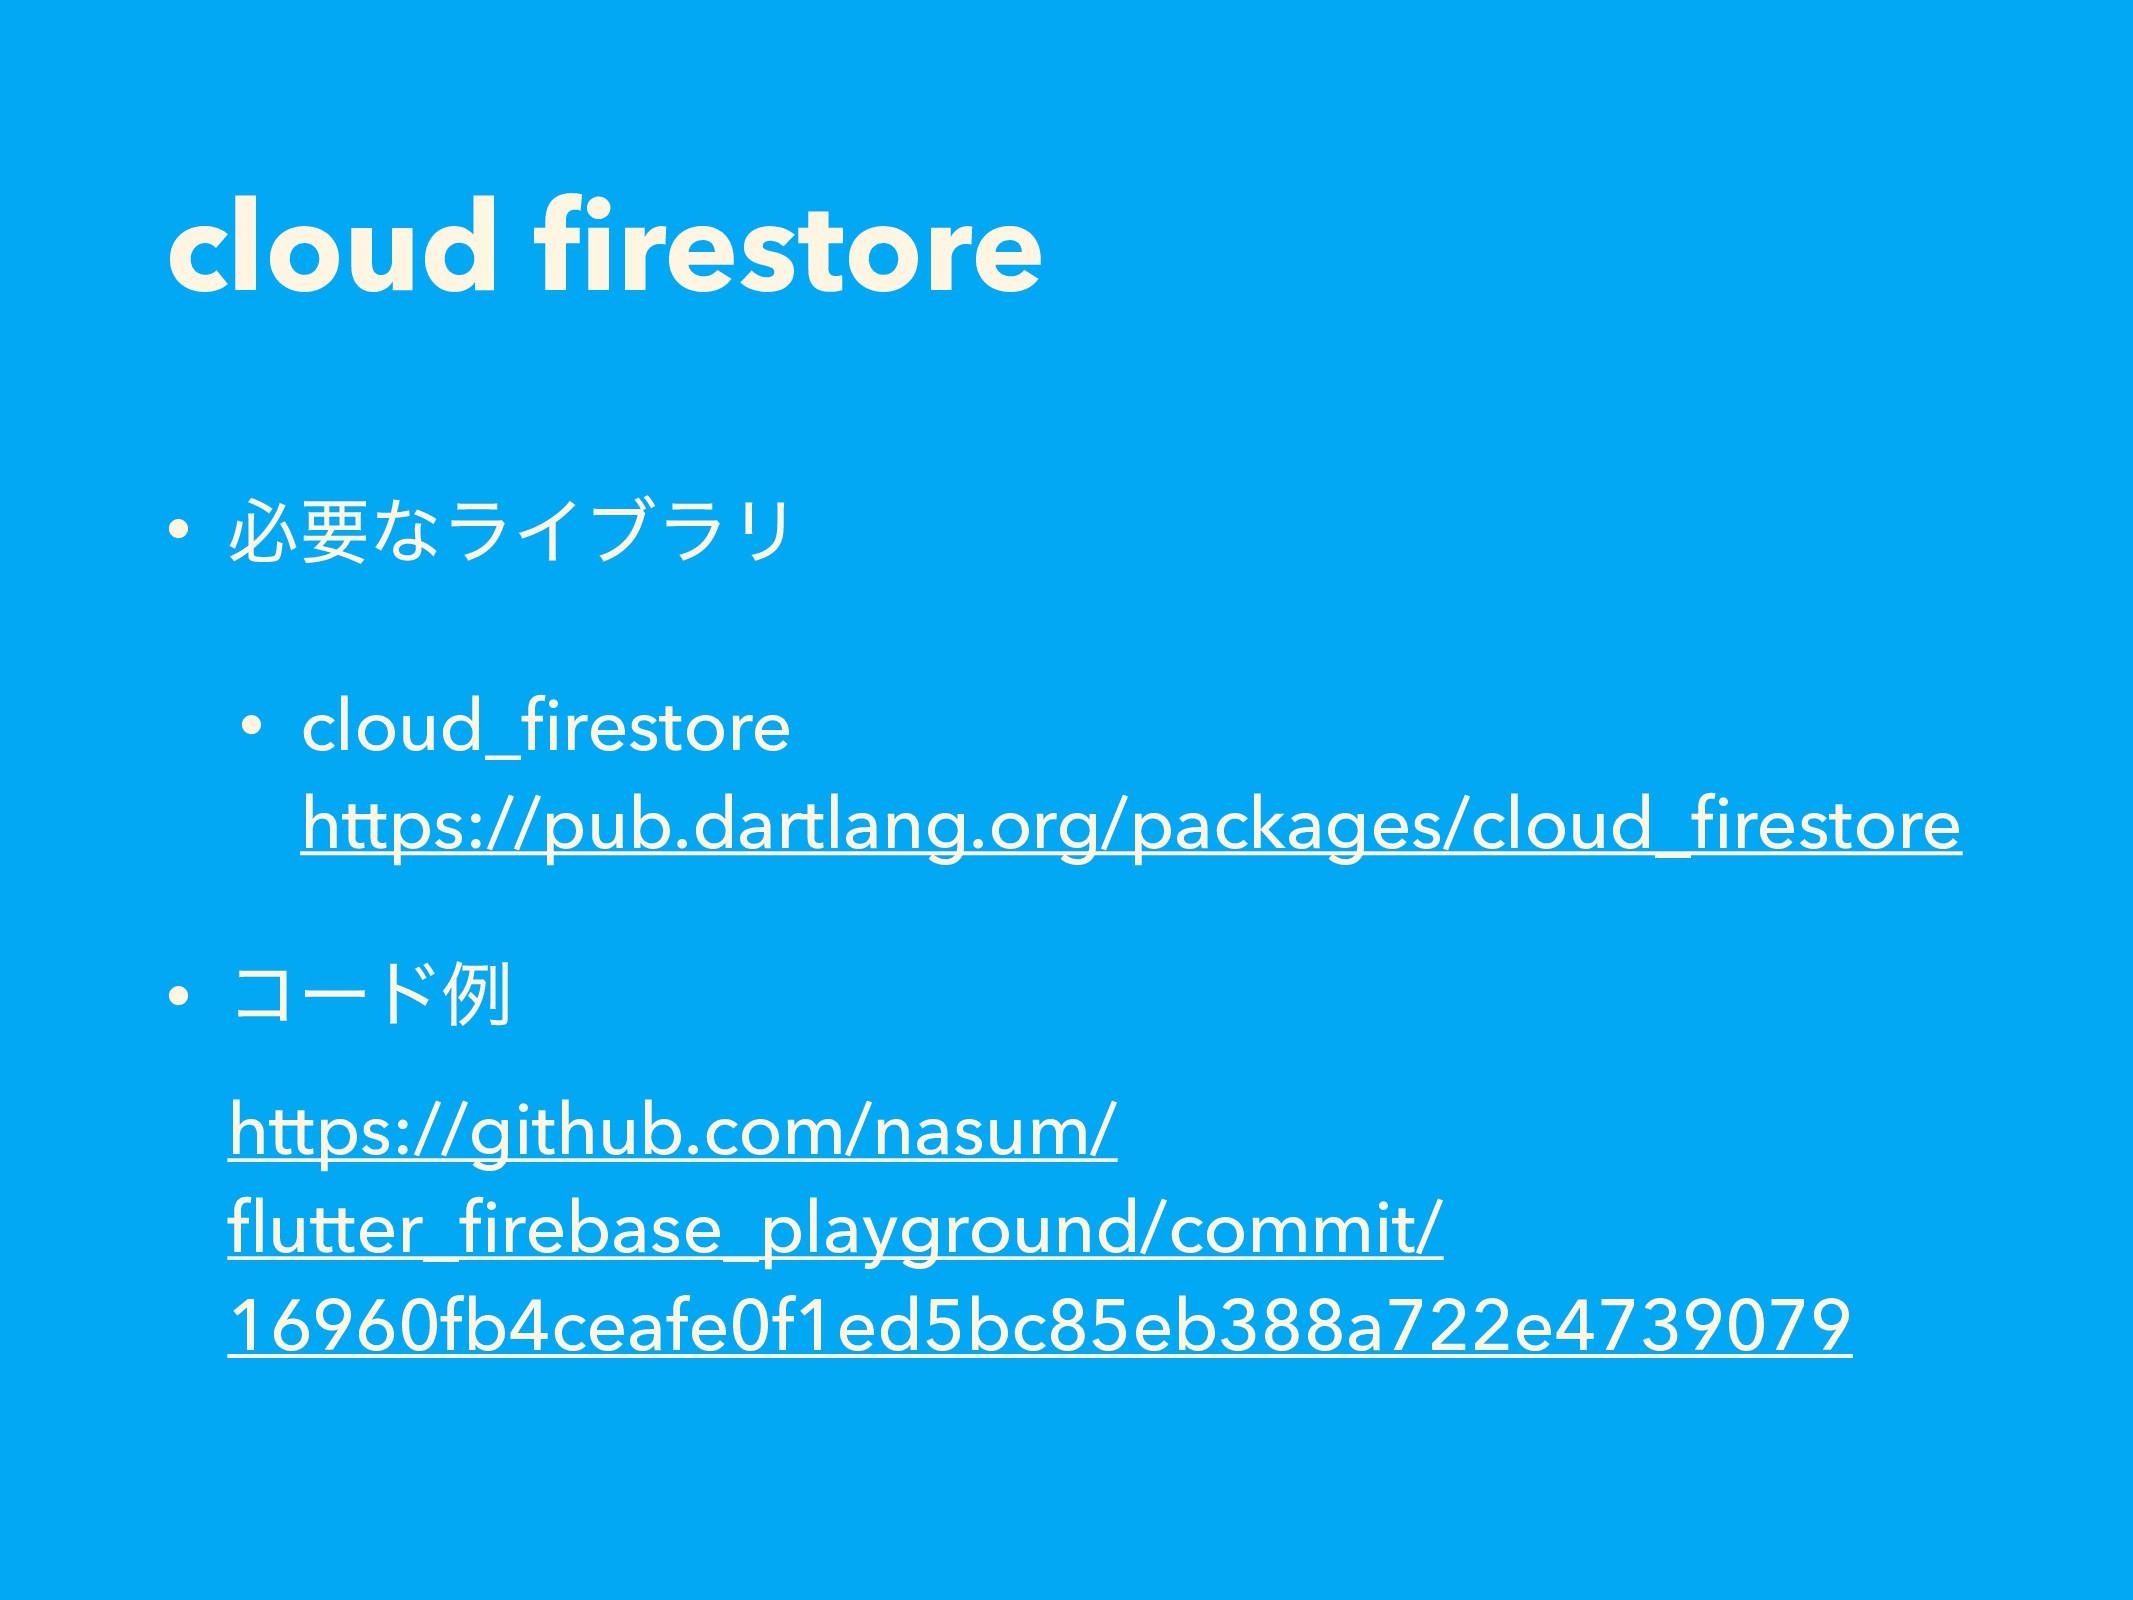 cloud firestore • ඞཁͳϥΠϒϥϦ • cloud_firestore htt...